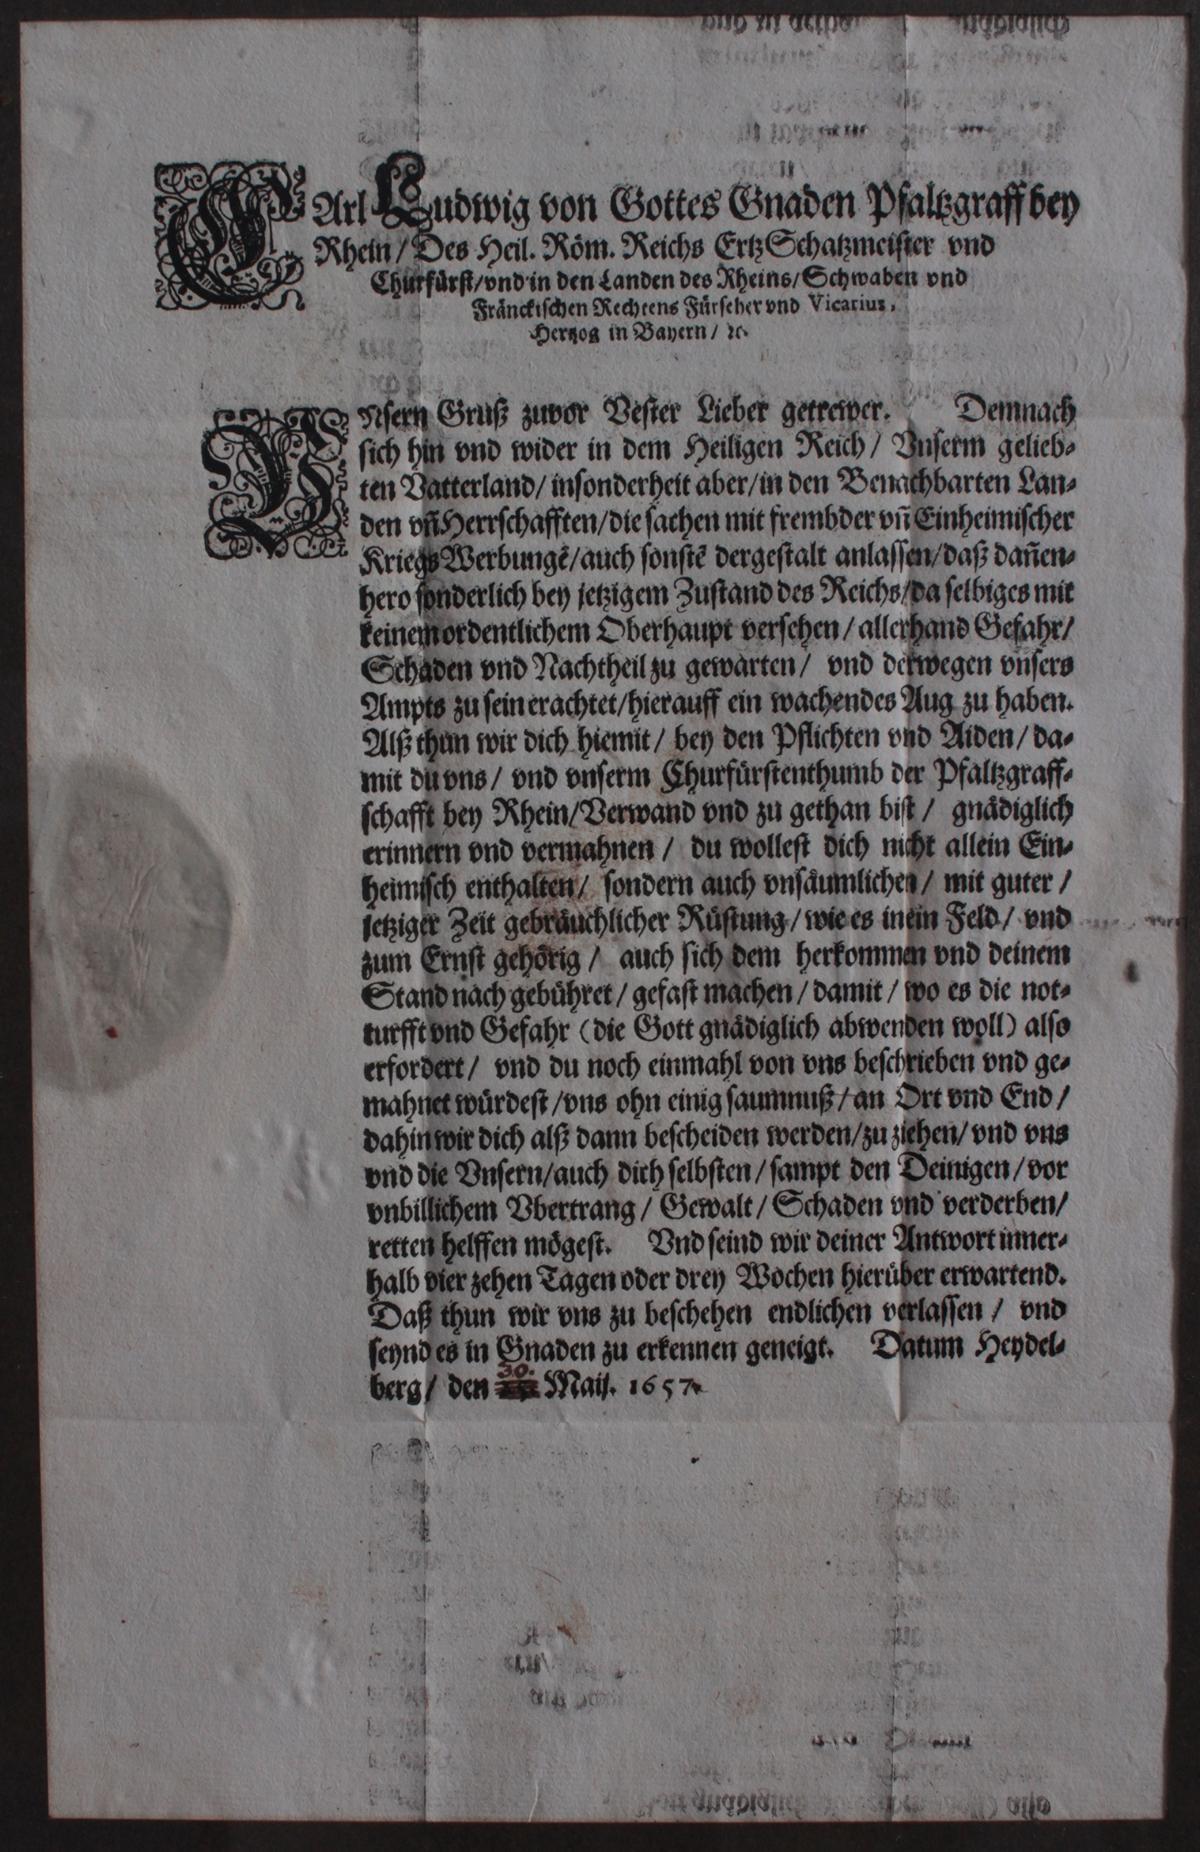 Samlung Altbriefe, Vorphilatelie, Meisterbrief und Dokumente-14